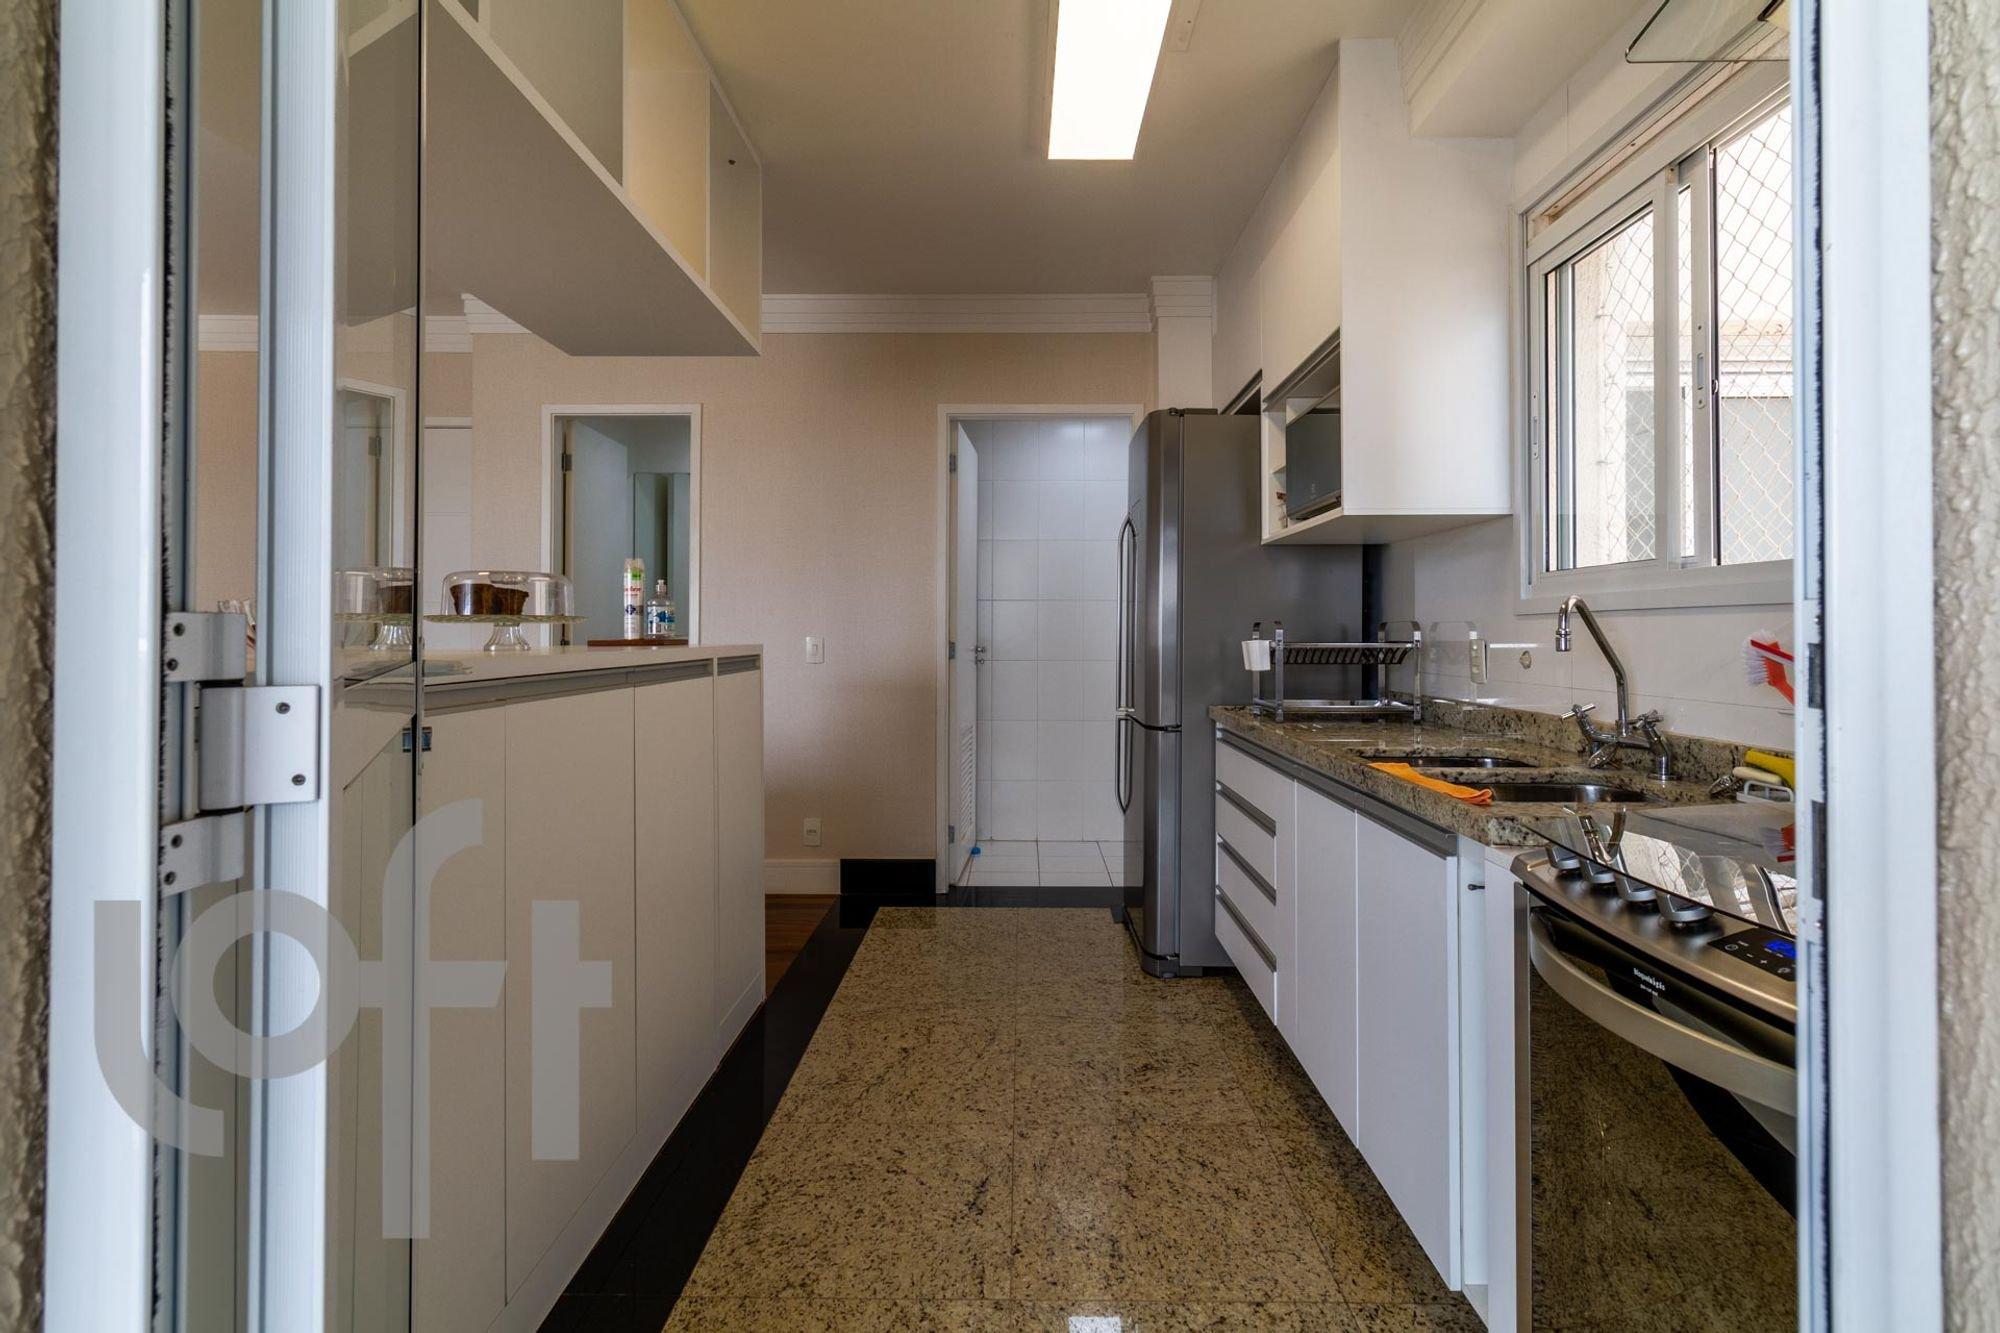 Foto de Cozinha com televisão, garrafa, geladeira, pia